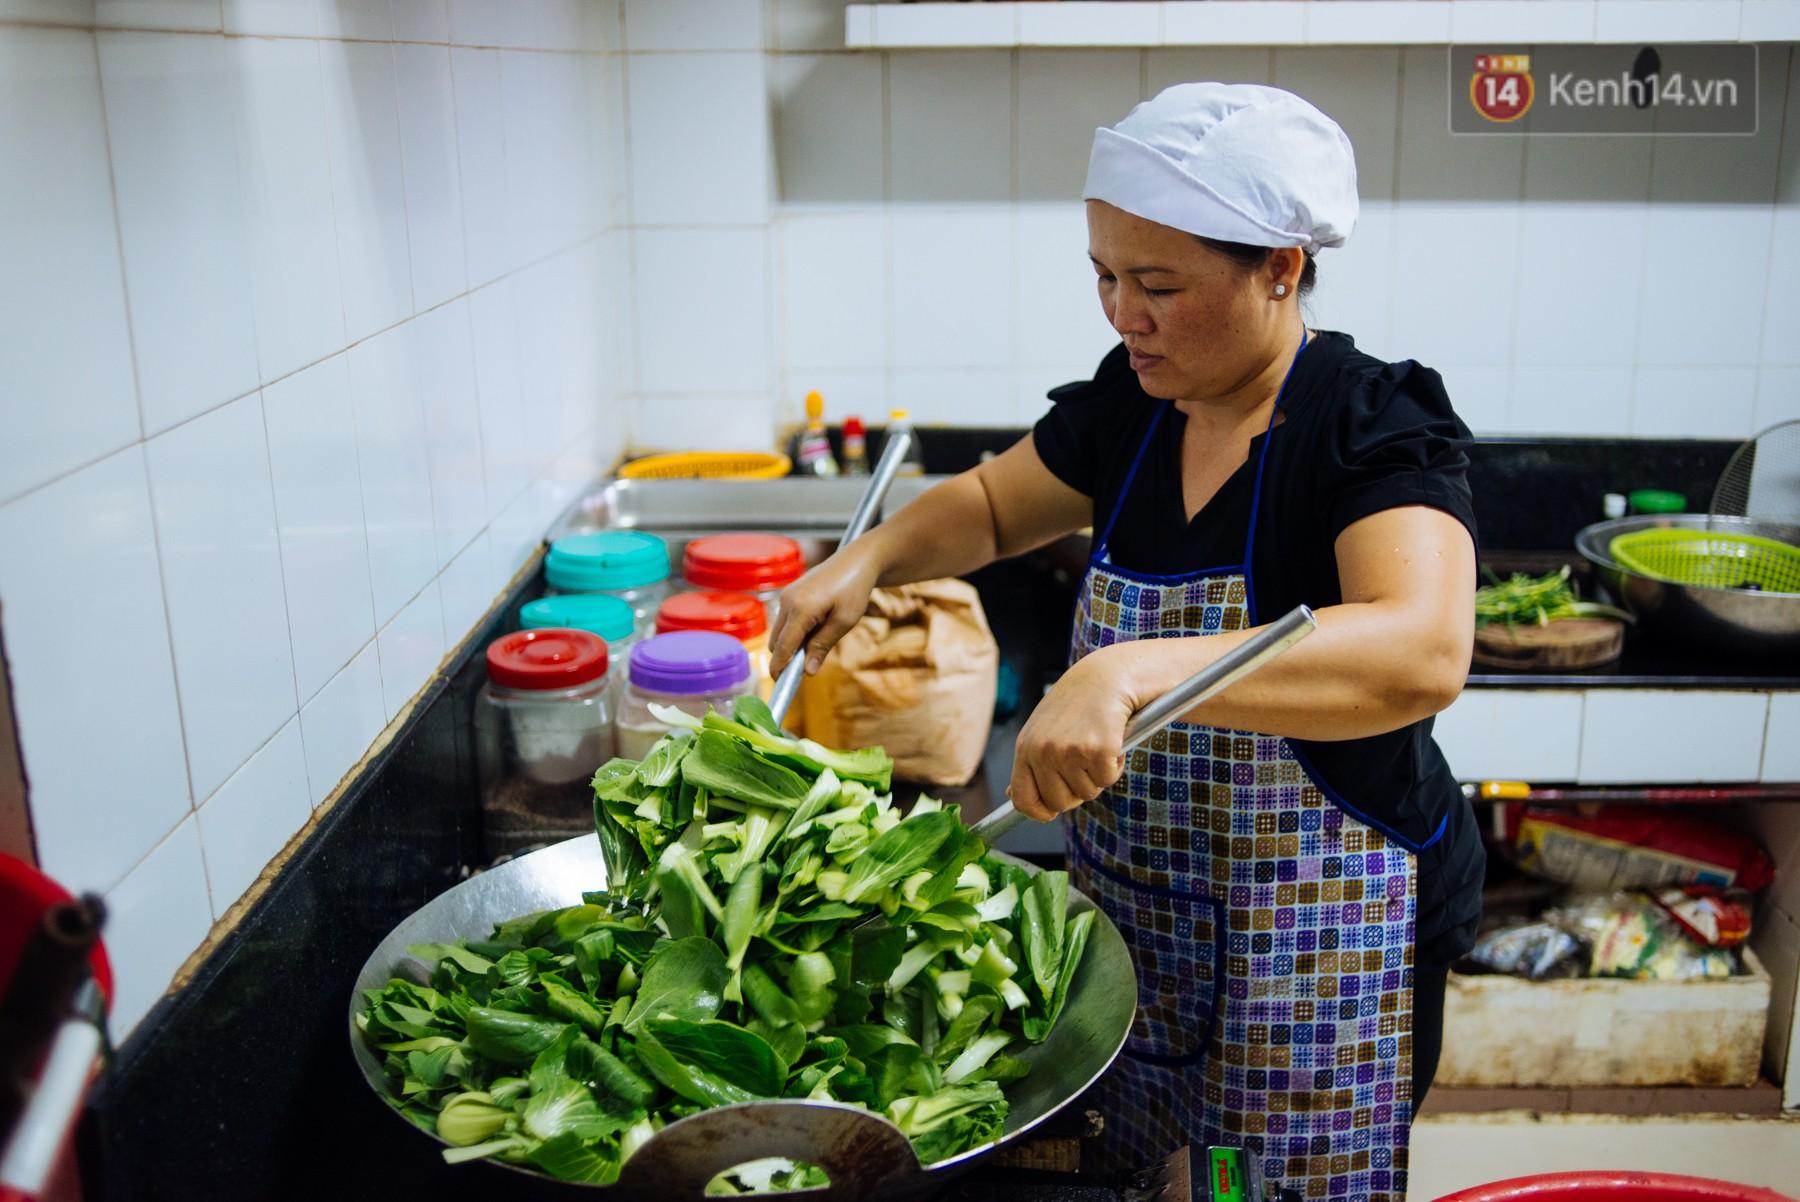 Giàu như anh bán chuối chiên Sài Gòn: Mở quán cơm 5k cho người thu nhập chưa cao, 5 năm đắt hàng - Ảnh 10.